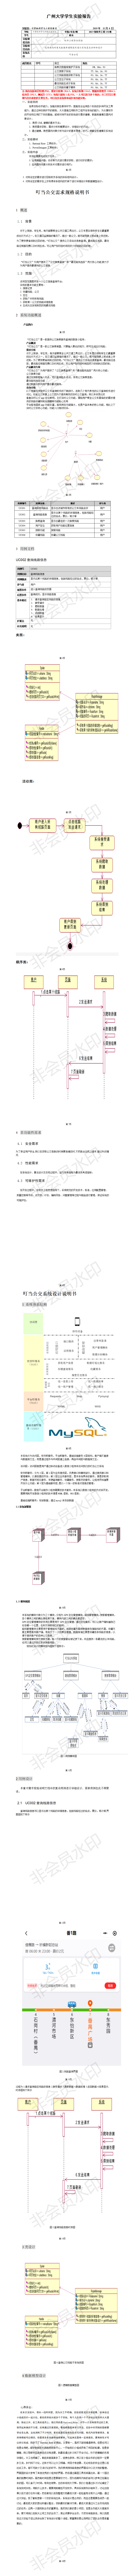 广州大学软件工程导论实验一